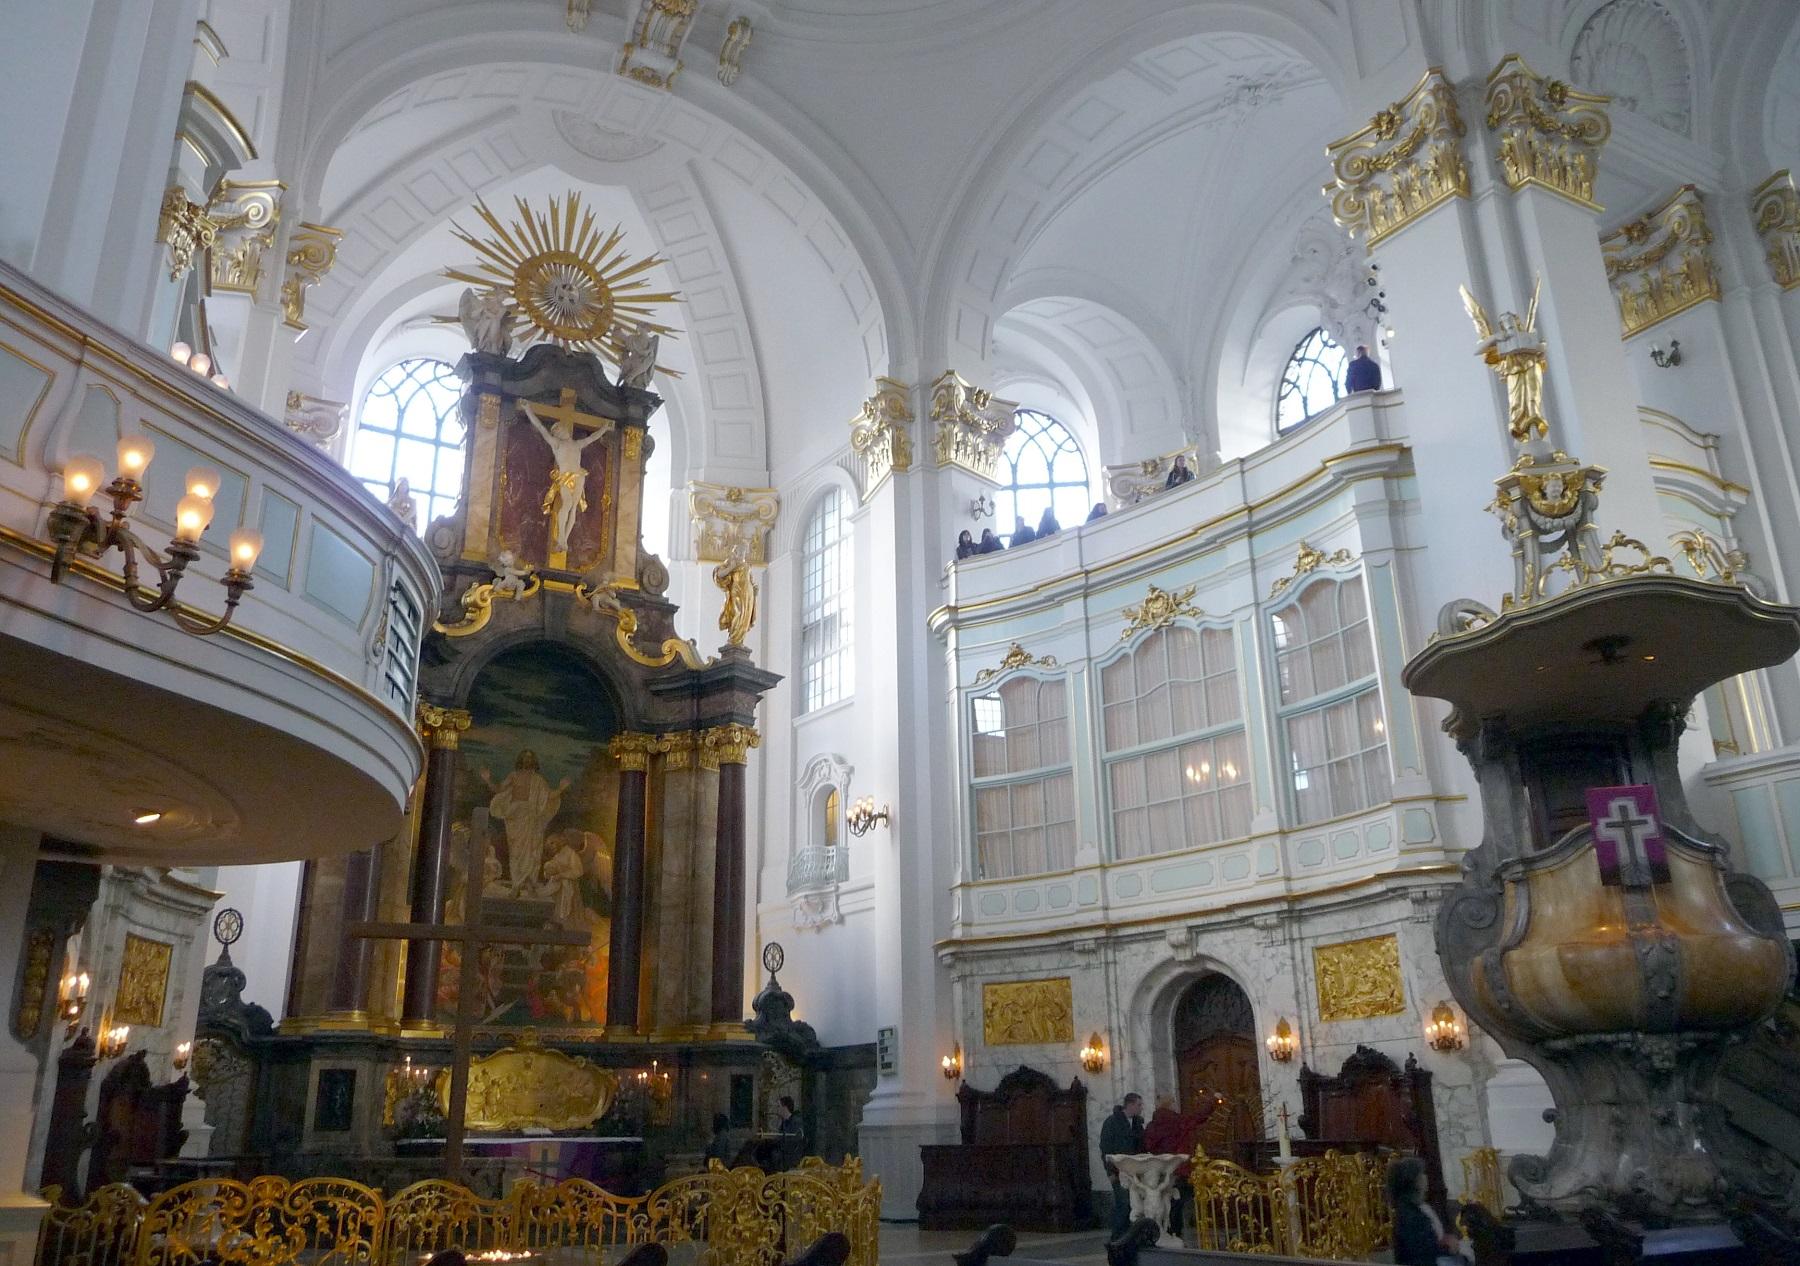 St. Michaelis Kirche, Hamburg